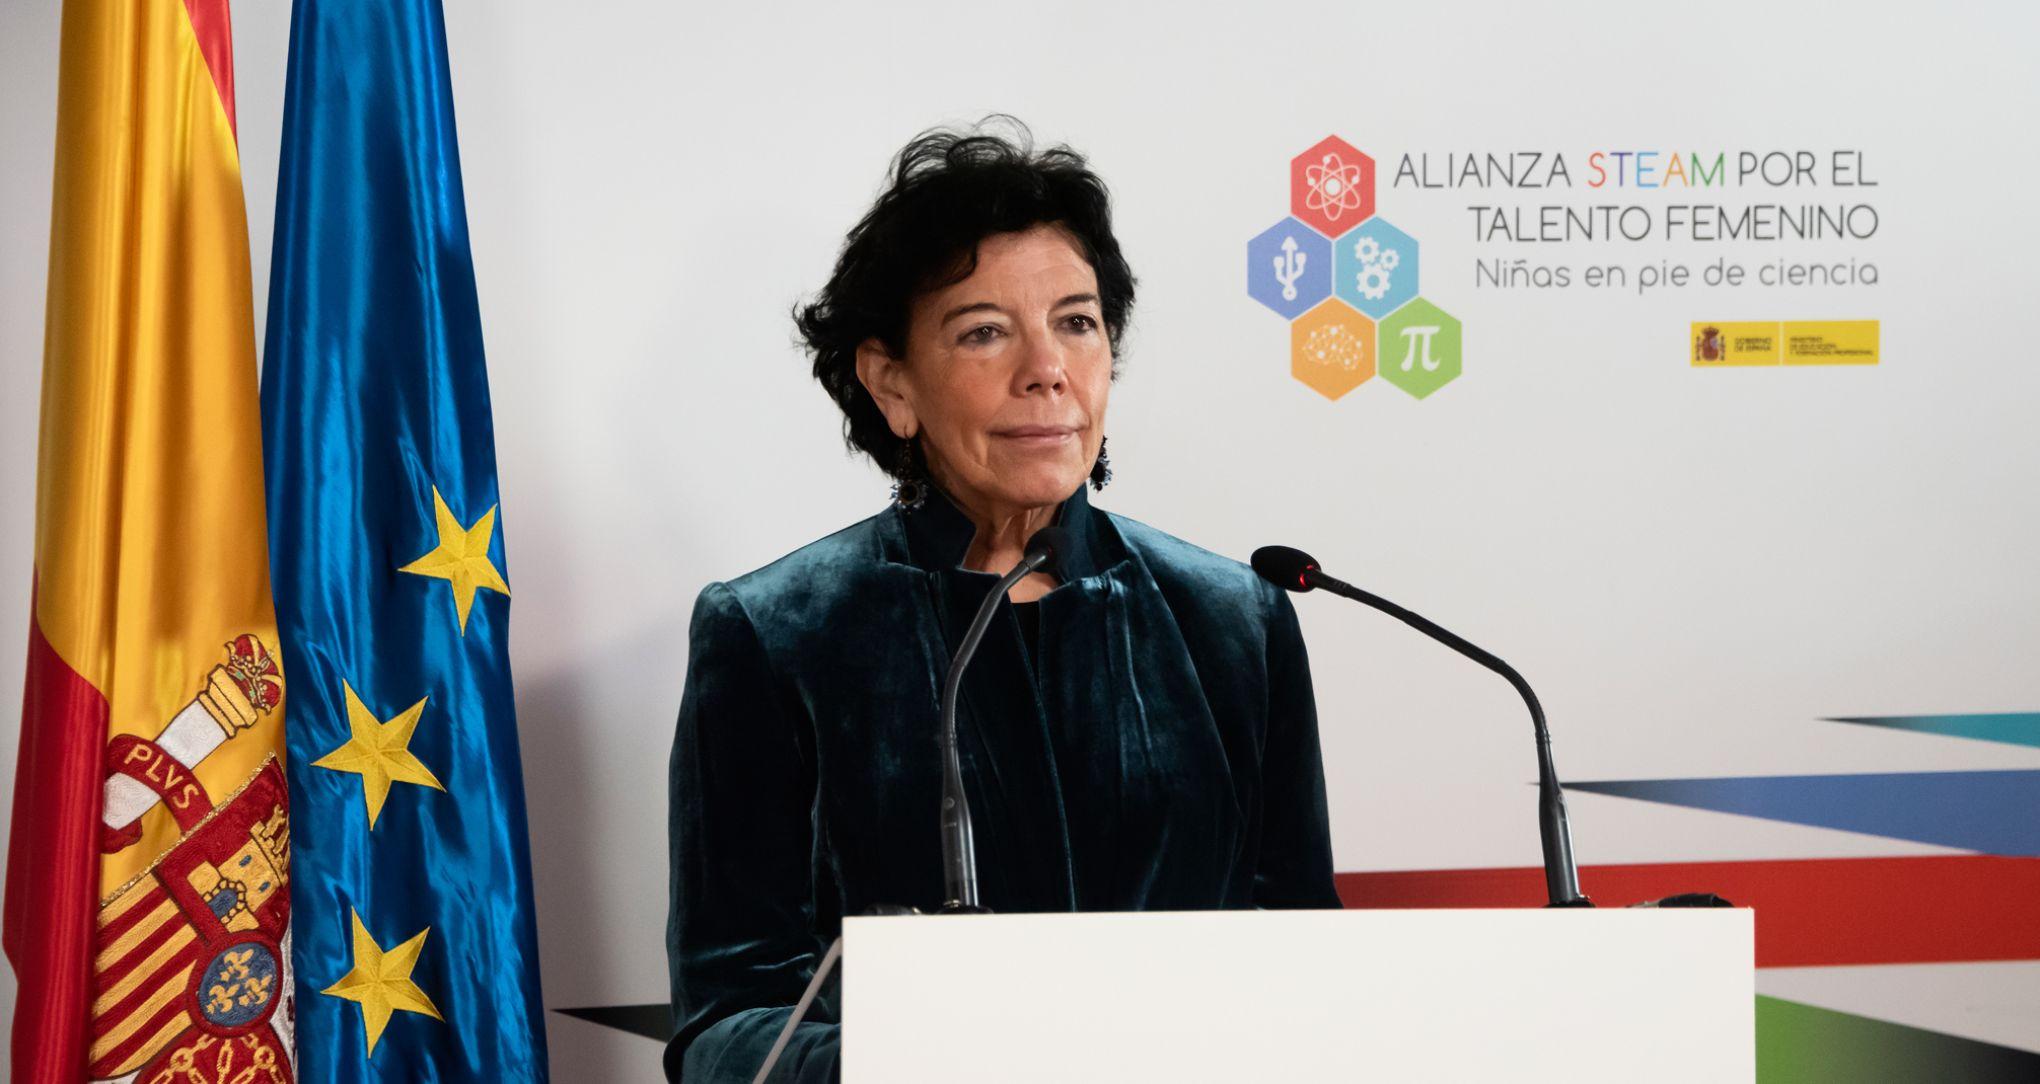 La ministra Isabel Celaá durante la presentación de la Alianza STEAM.